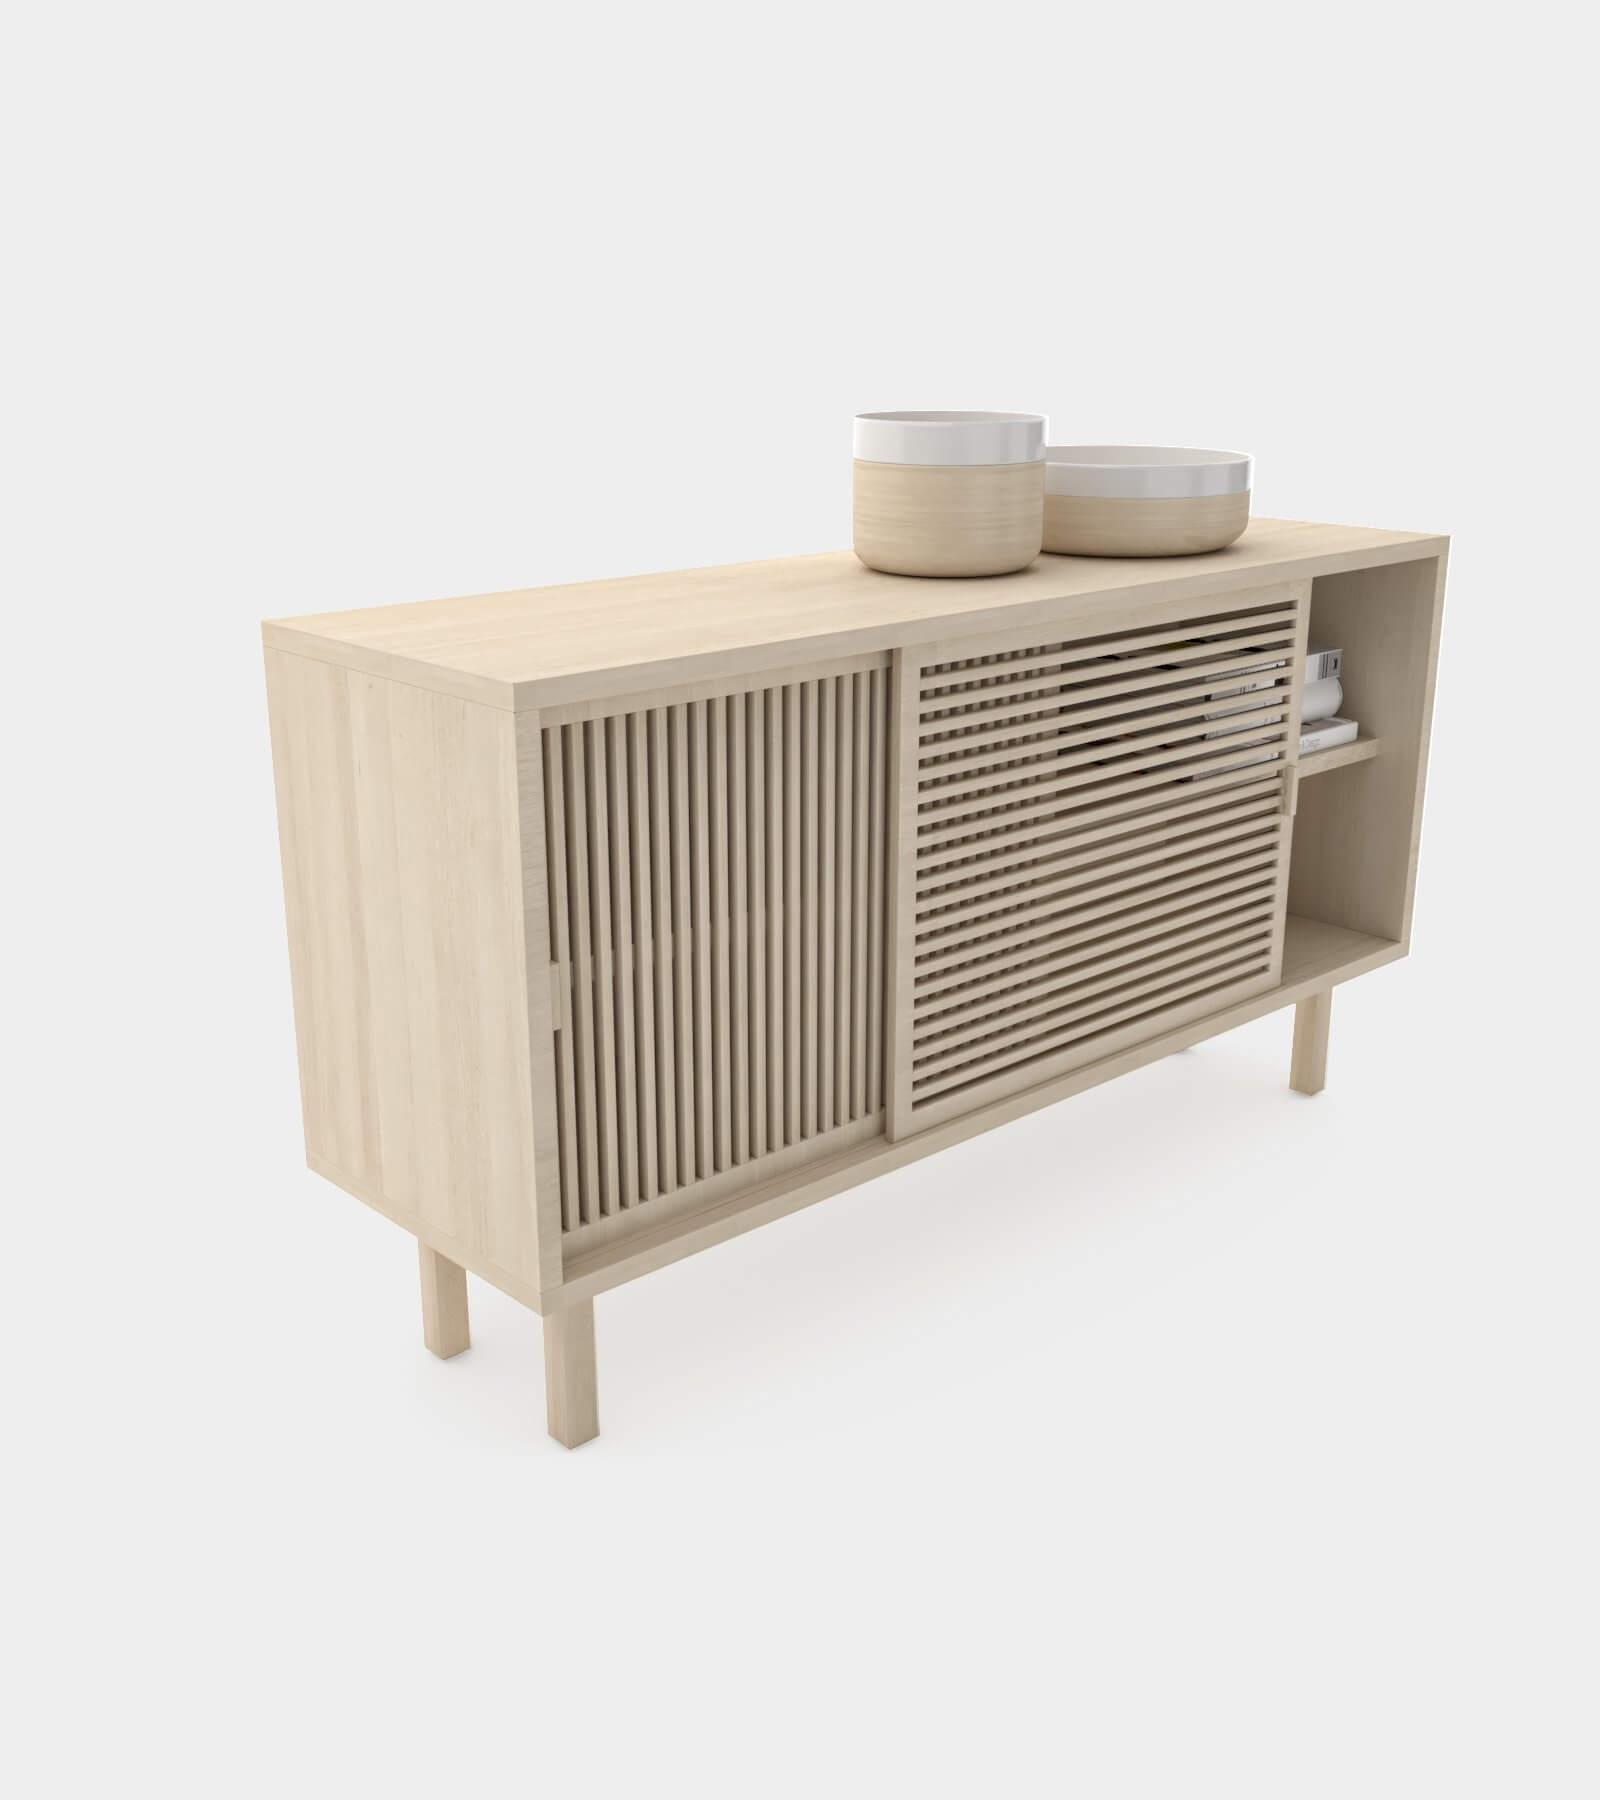 Wooden sliding door sideboard-2 - 3D Model